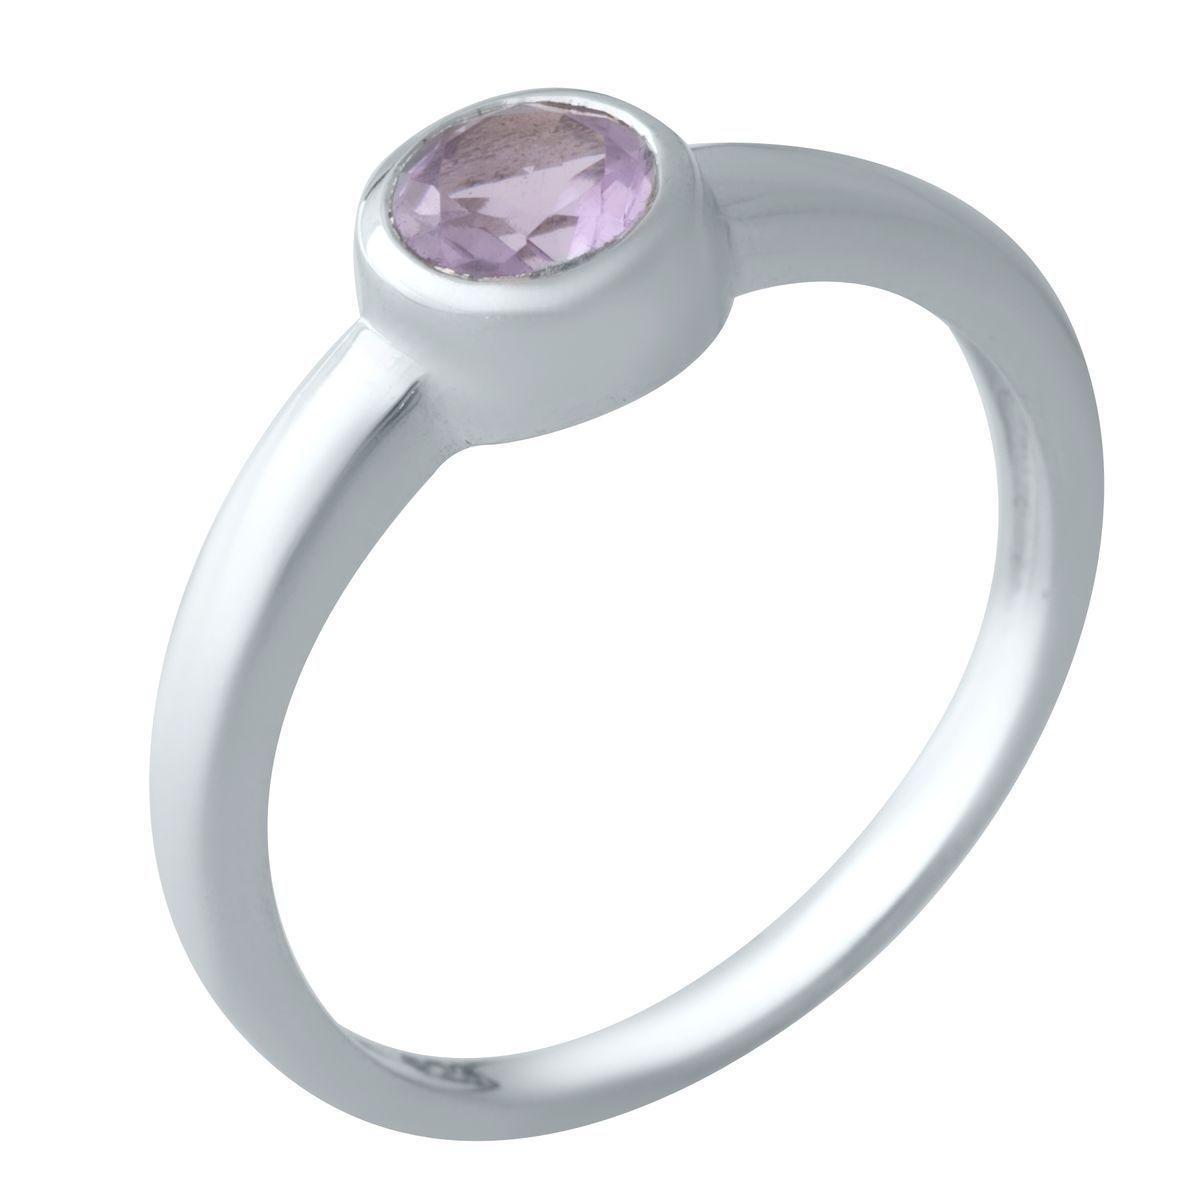 Серебряное кольцо DreamJewelry с натуральным аметистом (2020790) 17.5 размер